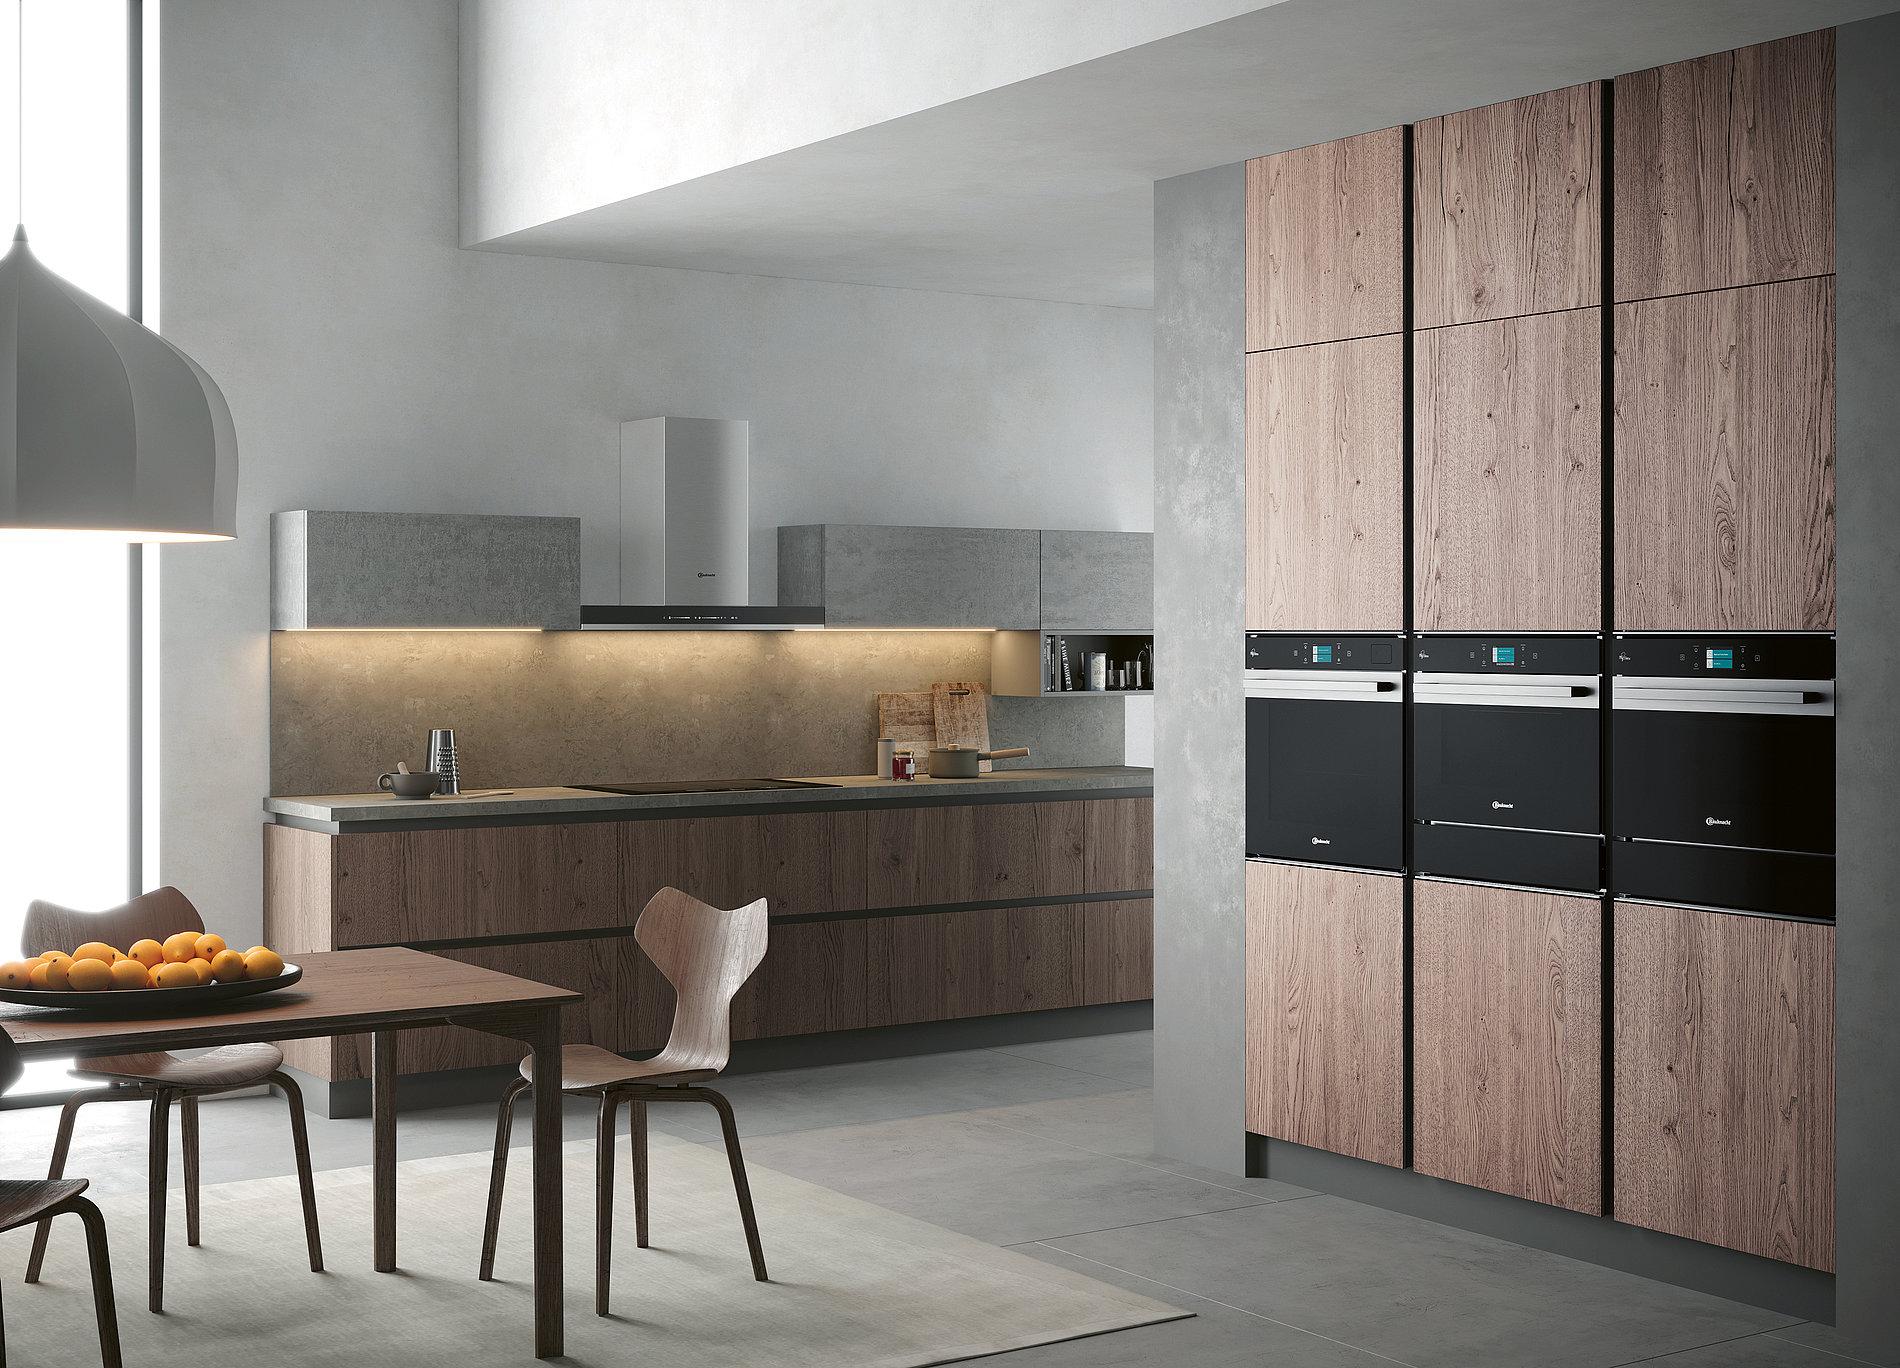 Bauknecht Built-in Ovens – Class 9 | Red Dot Design Award